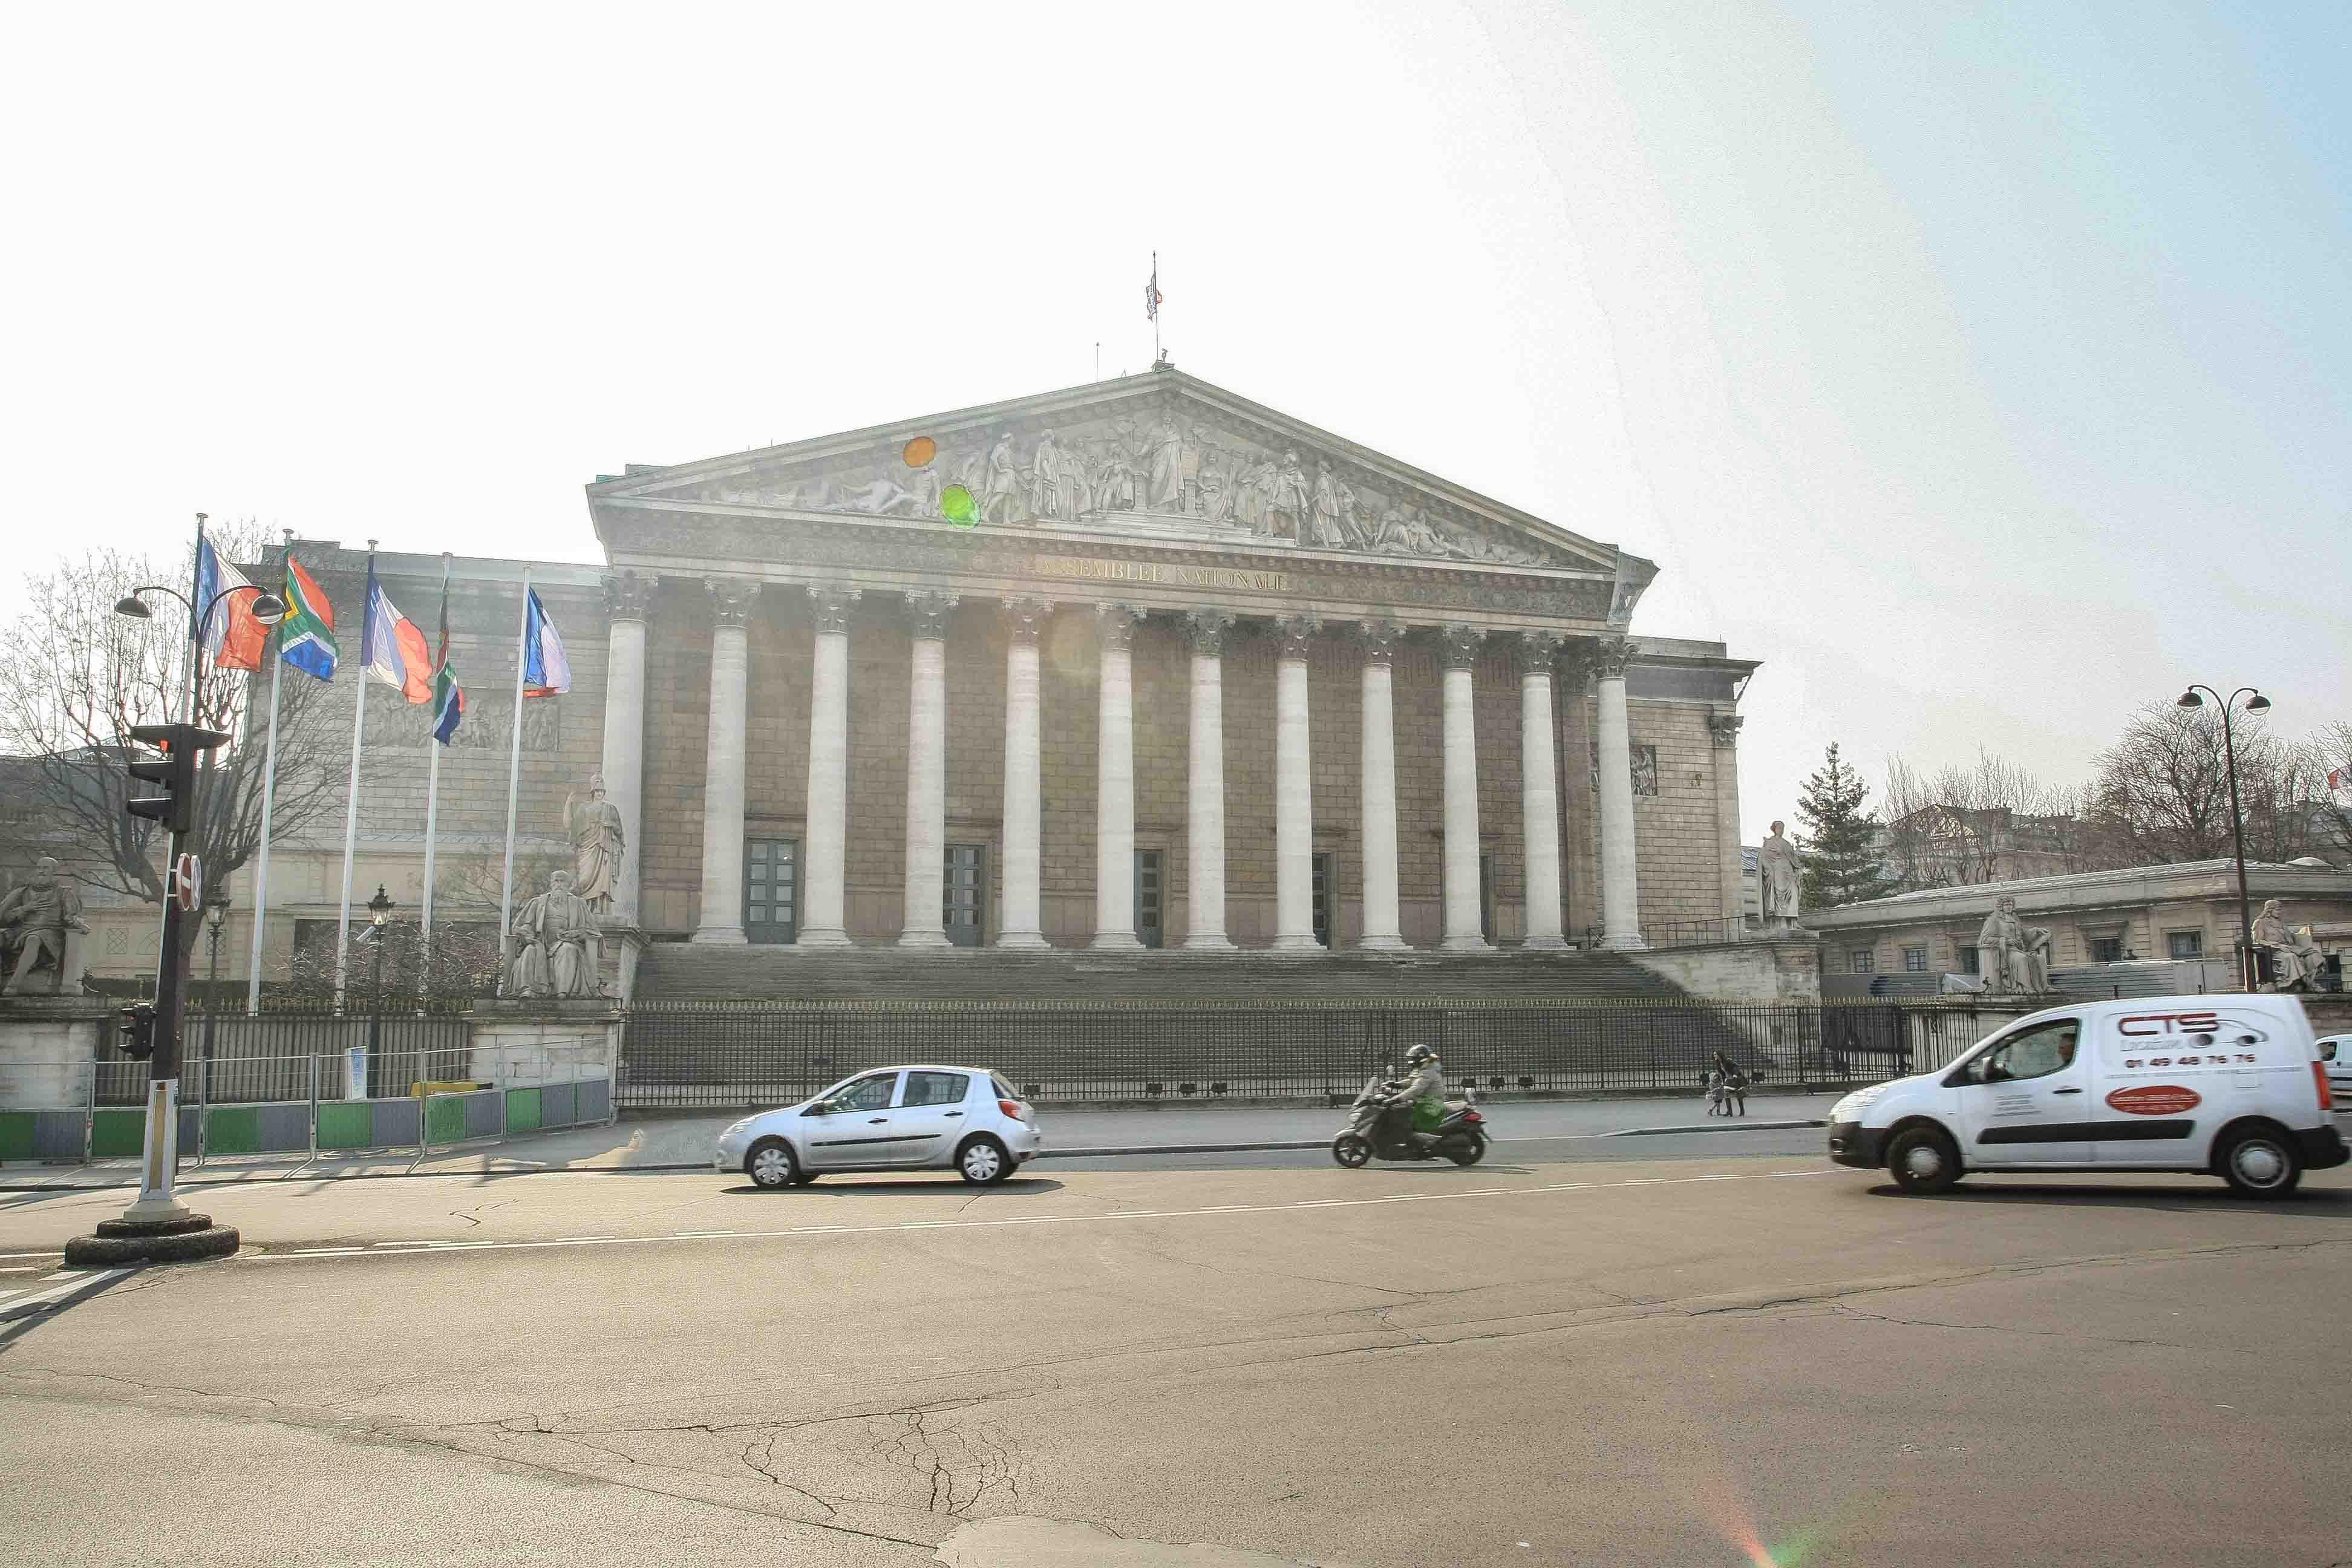 【フランス旅行】パリ ブルボン宮殿ってどこ